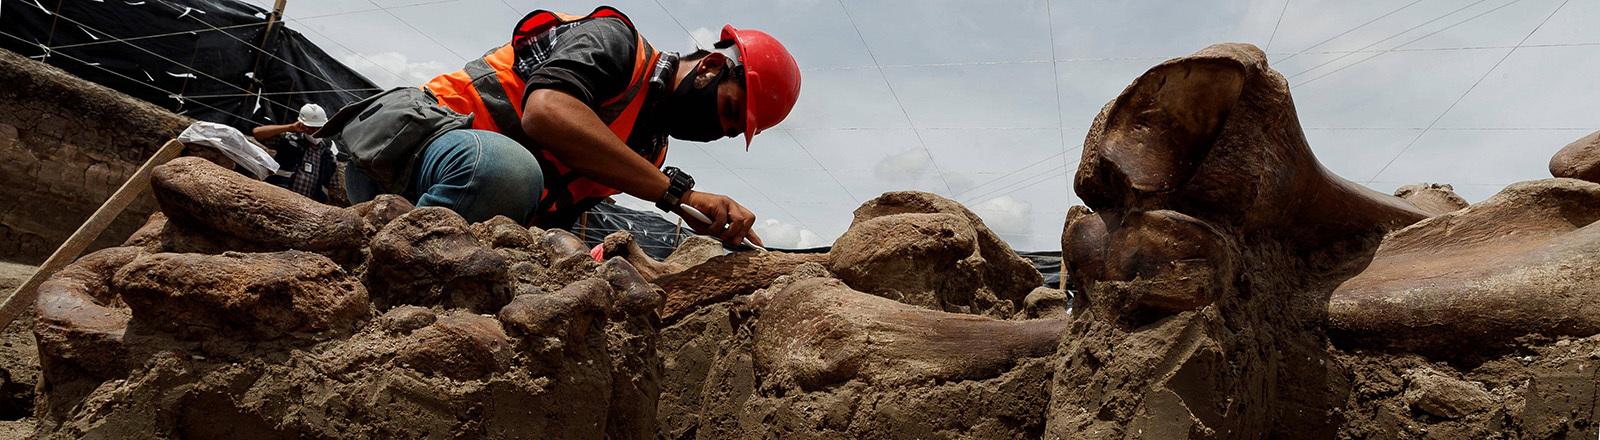 Am Fundort von über 200 Mammut-Skeletten in Mexiko: Ein Spezialist kniet neben riesigen Knochen und hält ein Werkzeug in der Hand (27.08.2020)